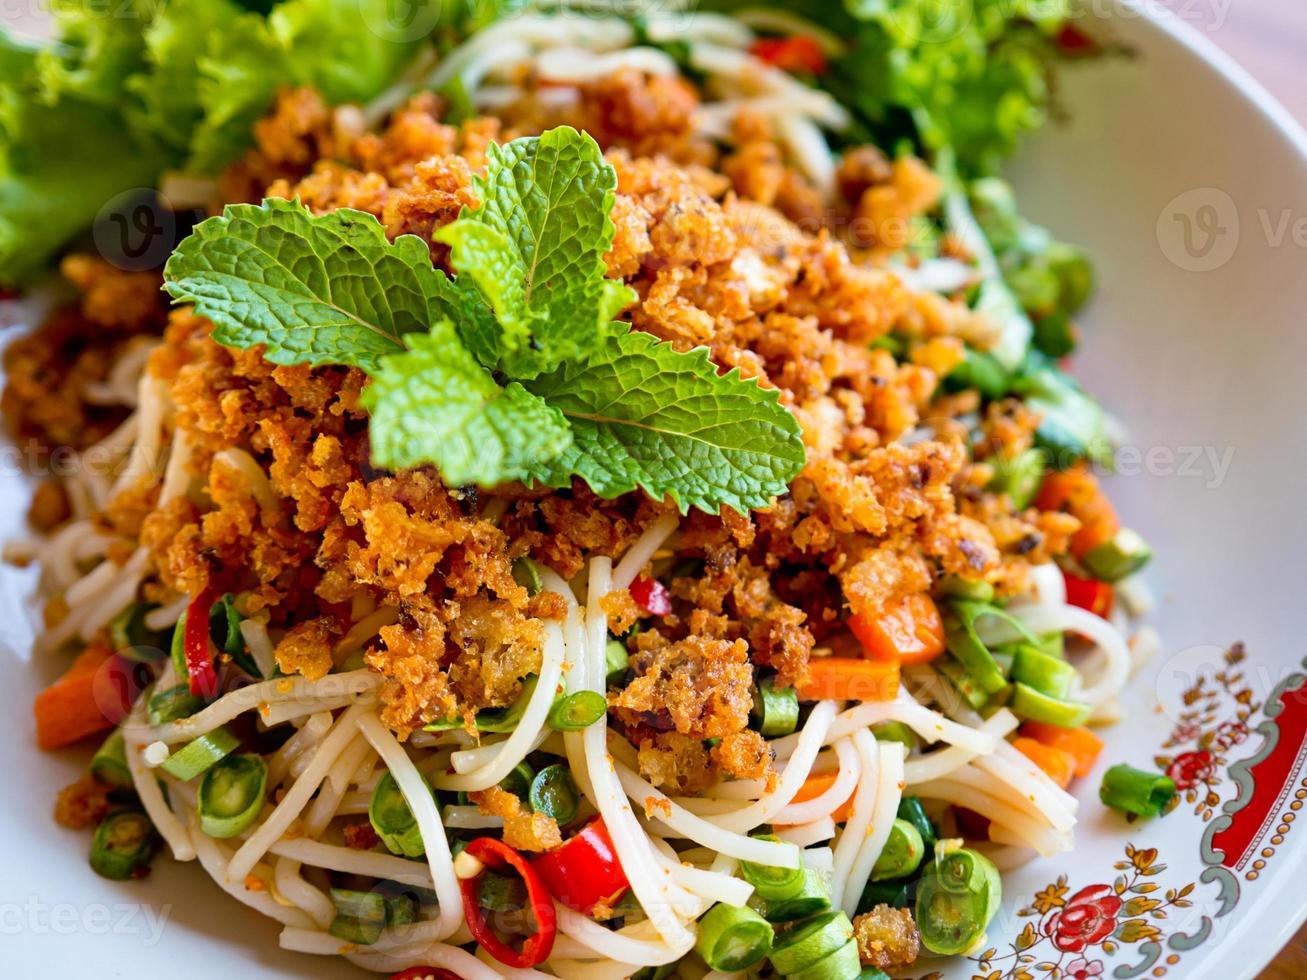 ensalada de fideos de arroz picante foto